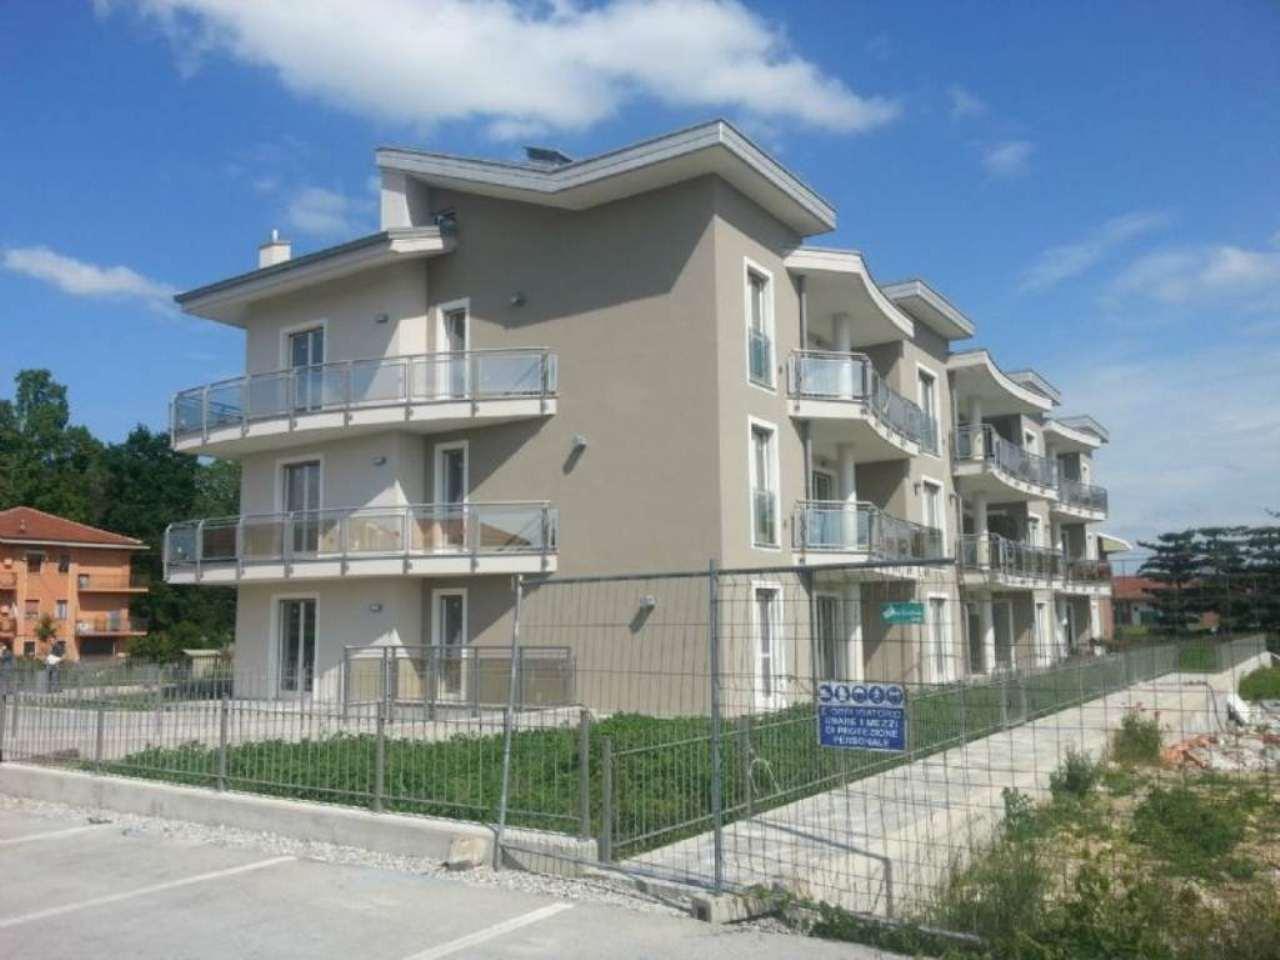 Appartamento in vendita a Cuneo, 5 locali, prezzo € 320.000 | CambioCasa.it